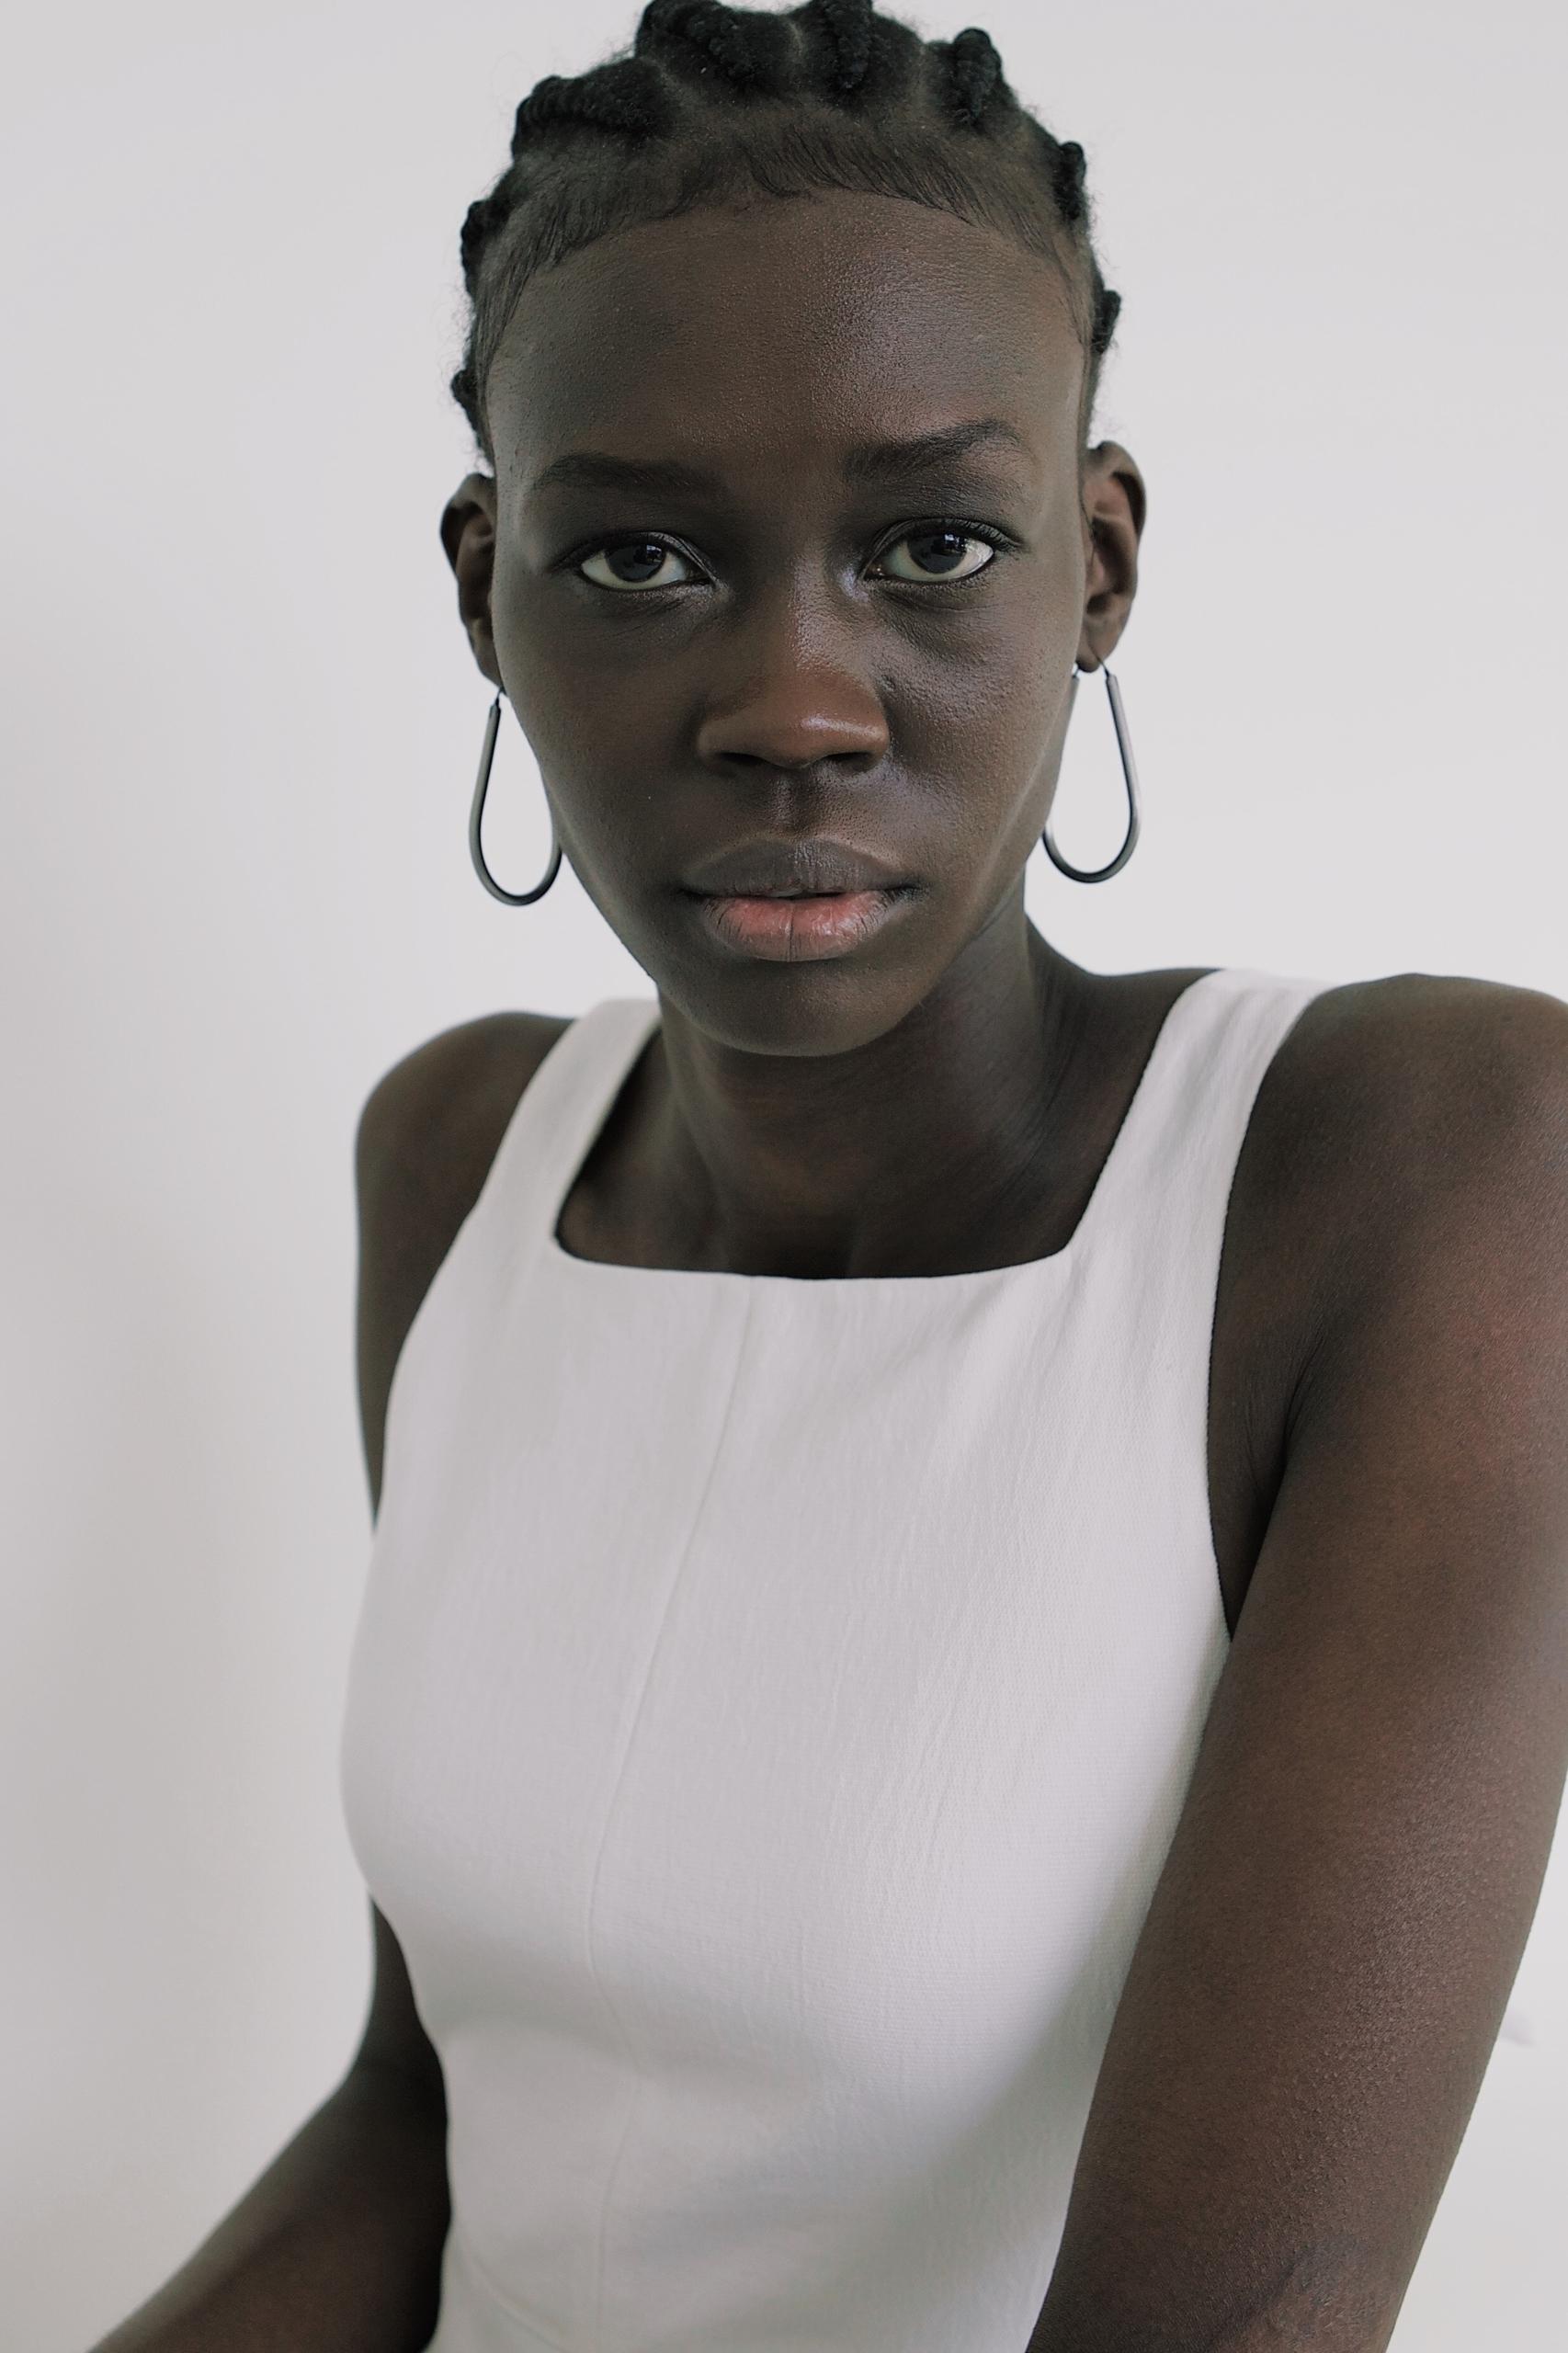 shot model Adeng wearing Titani - mstielow | ello